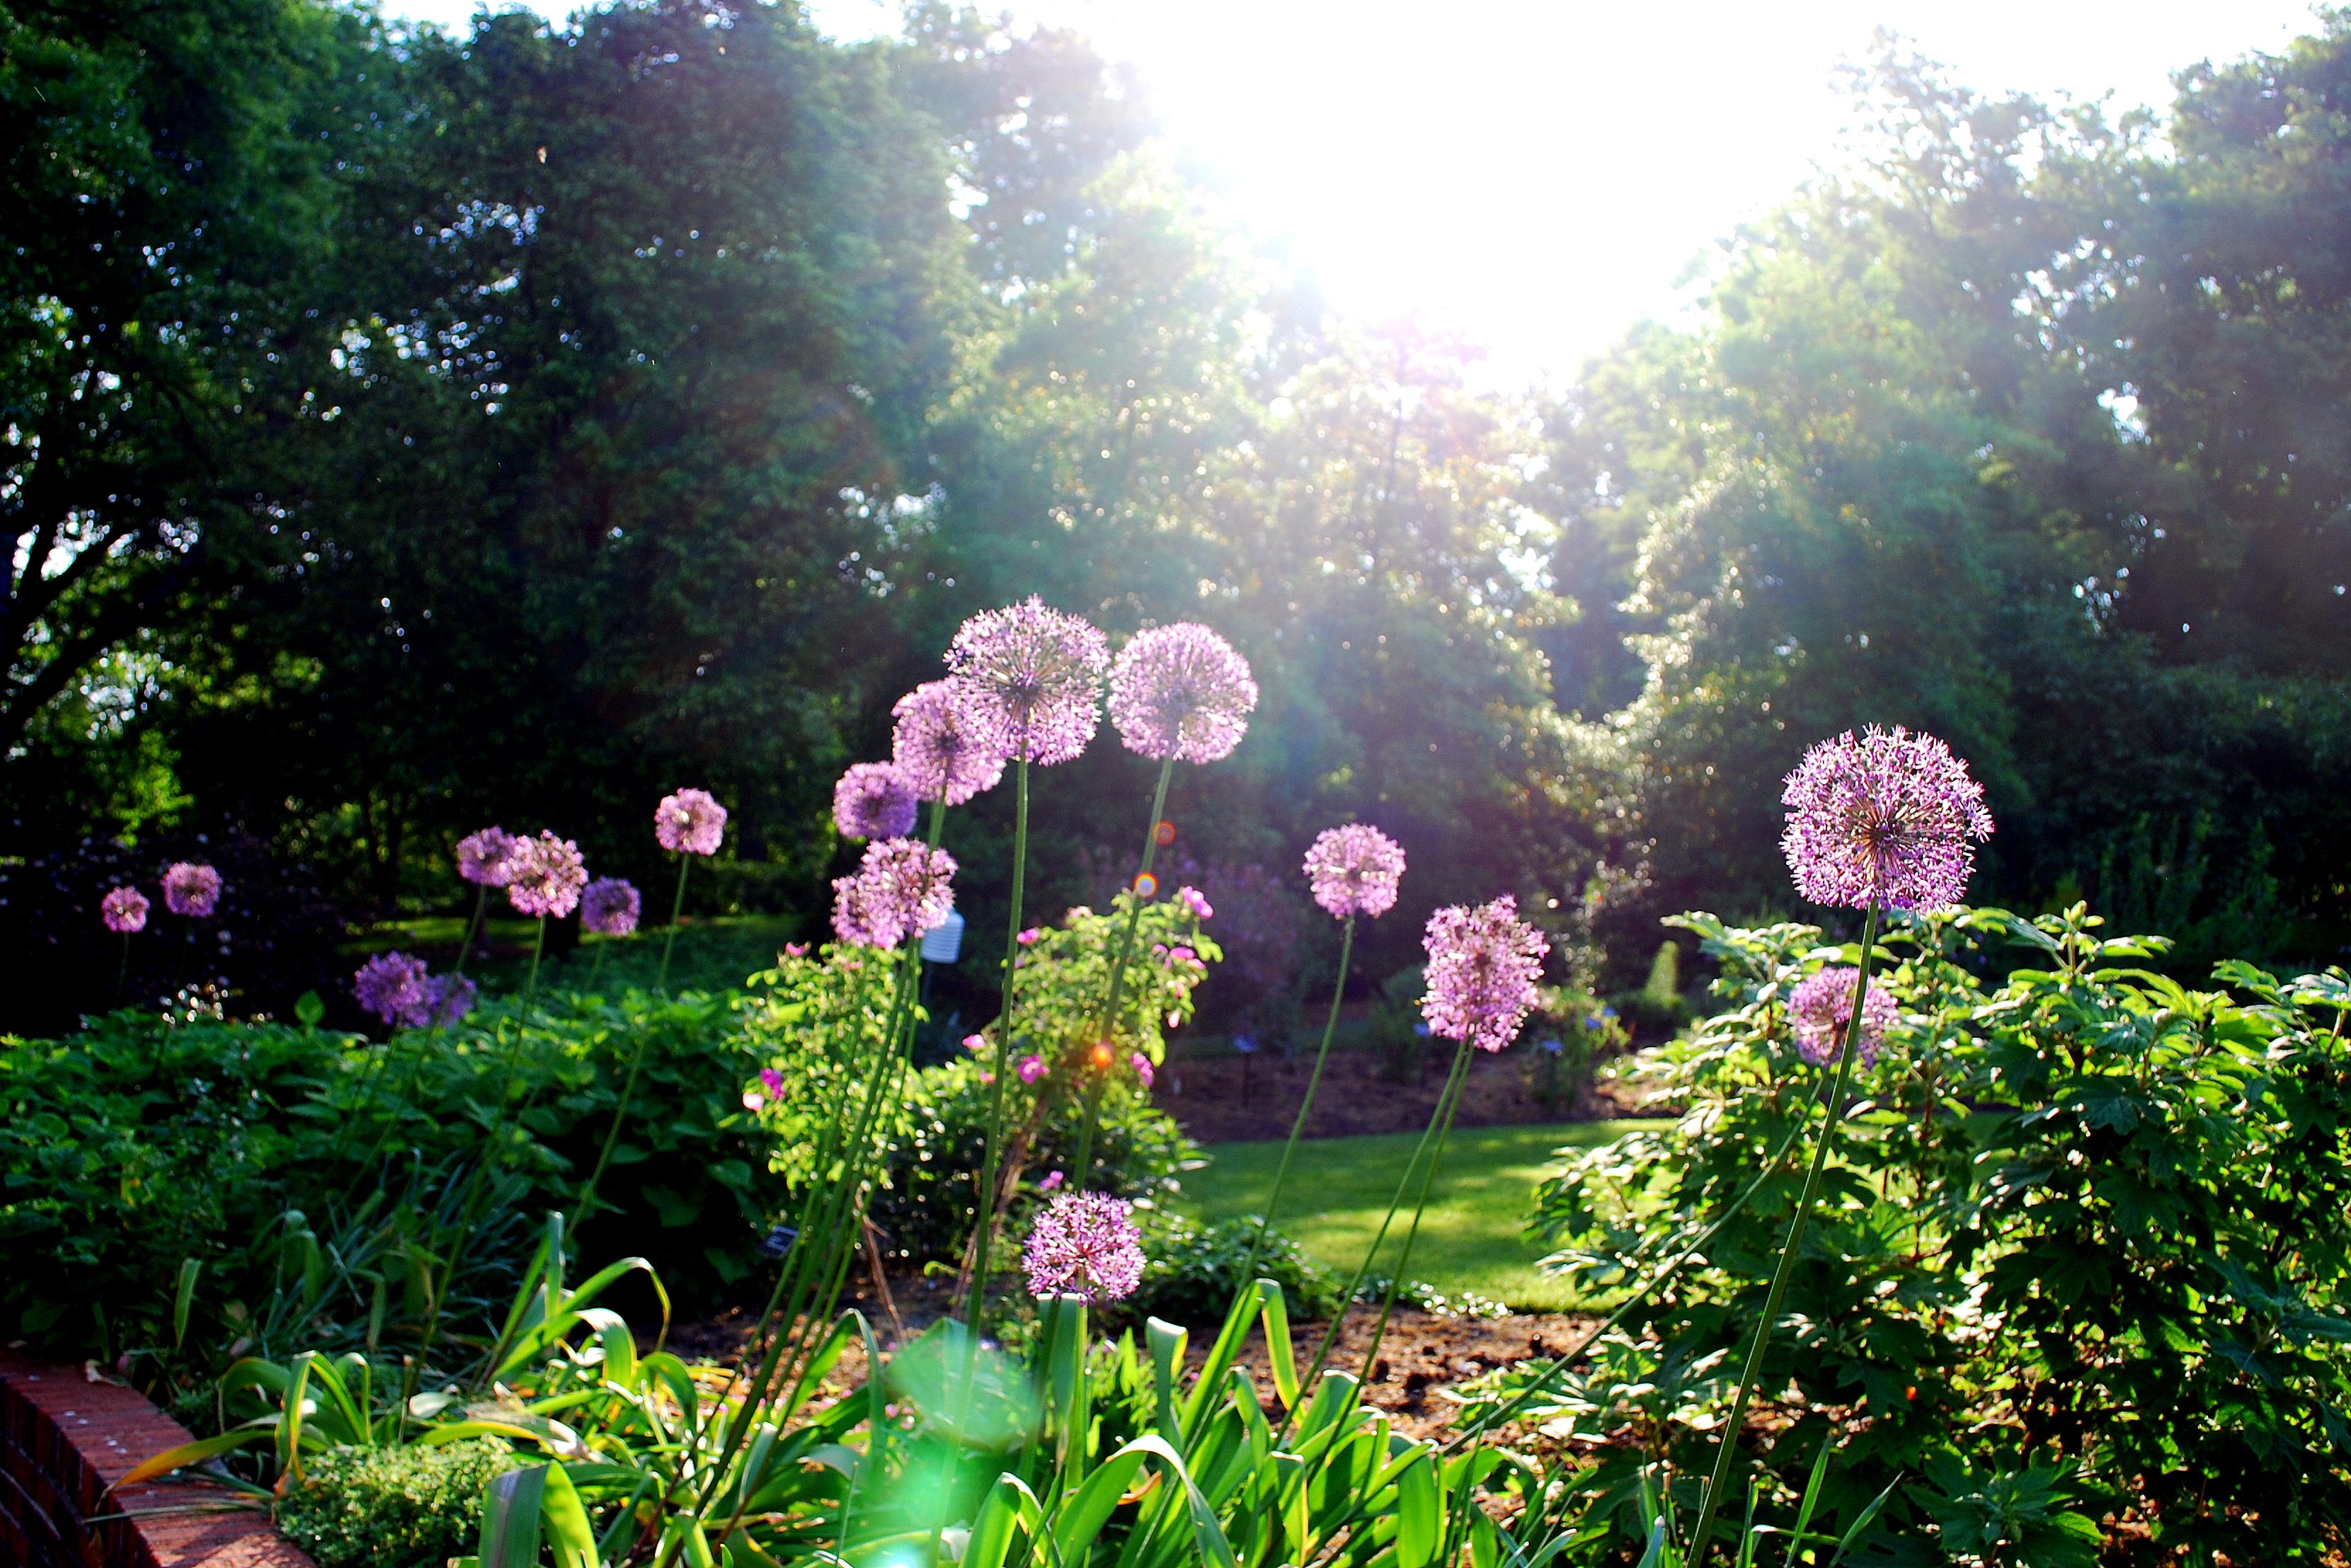 Wednesday Morning In The Garden